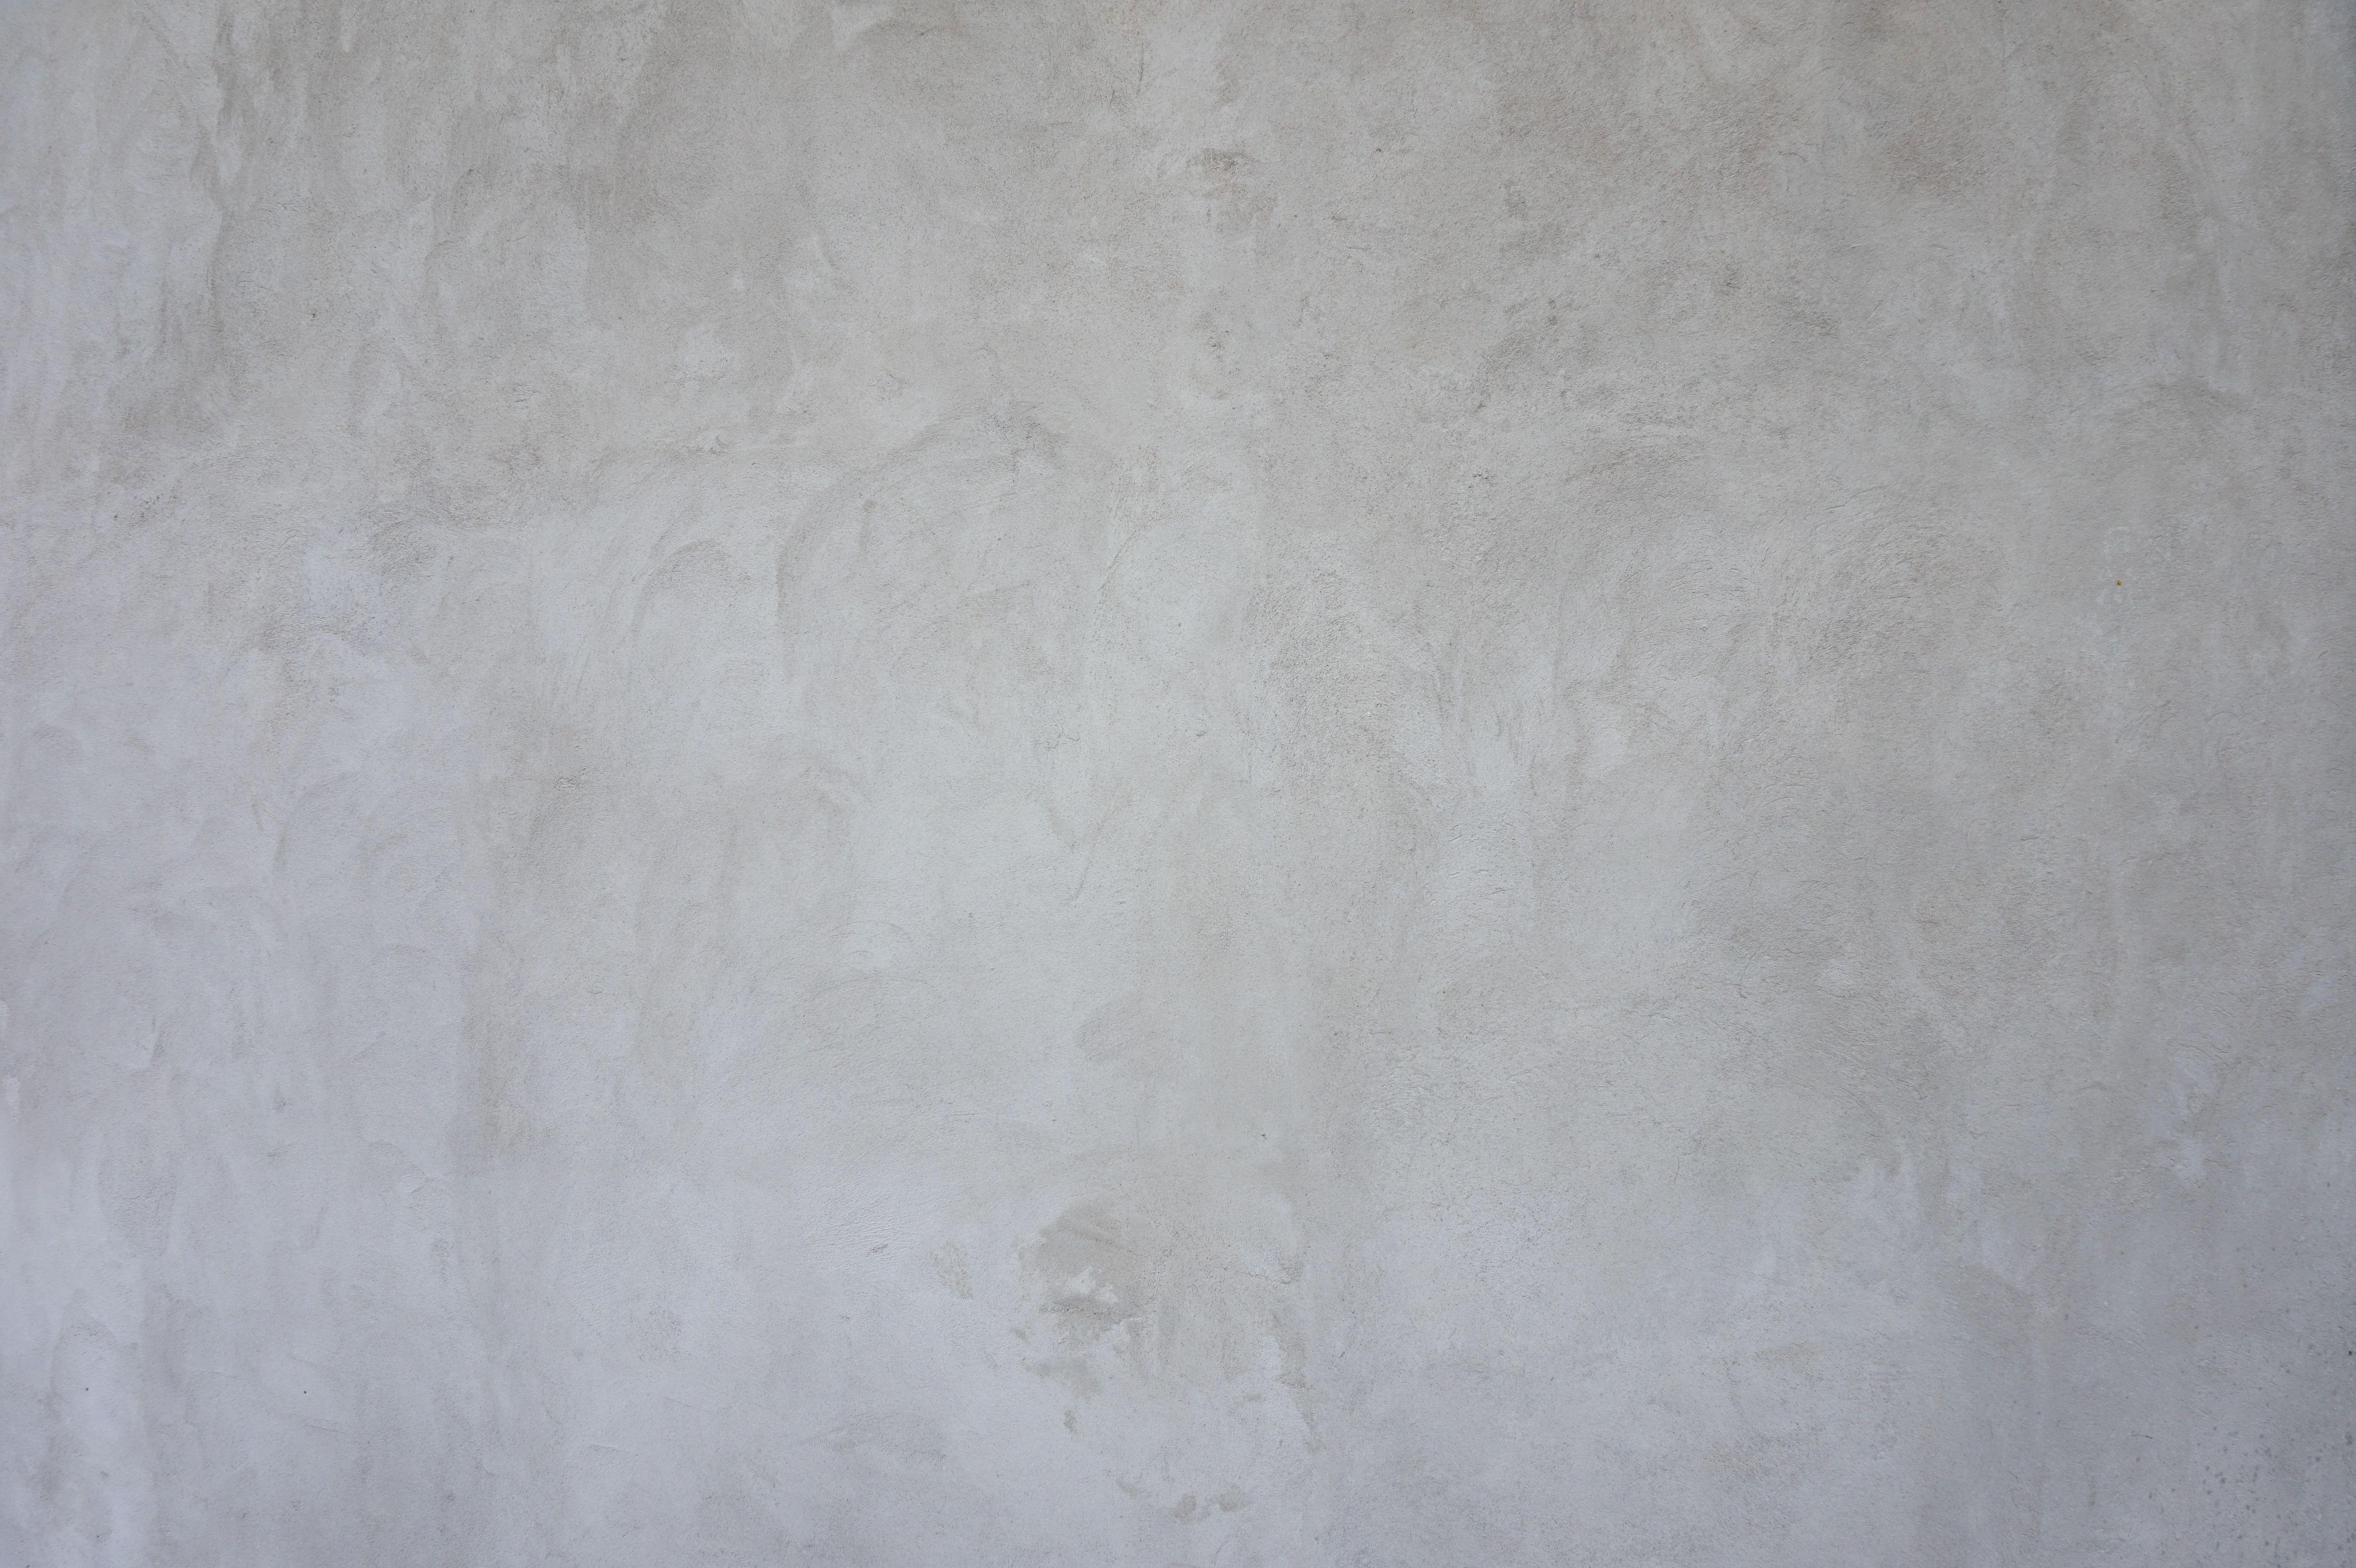 Kết Quả Hinh ảnh Cho Concrete Wall Texture Concrete Wall Concrete Wall